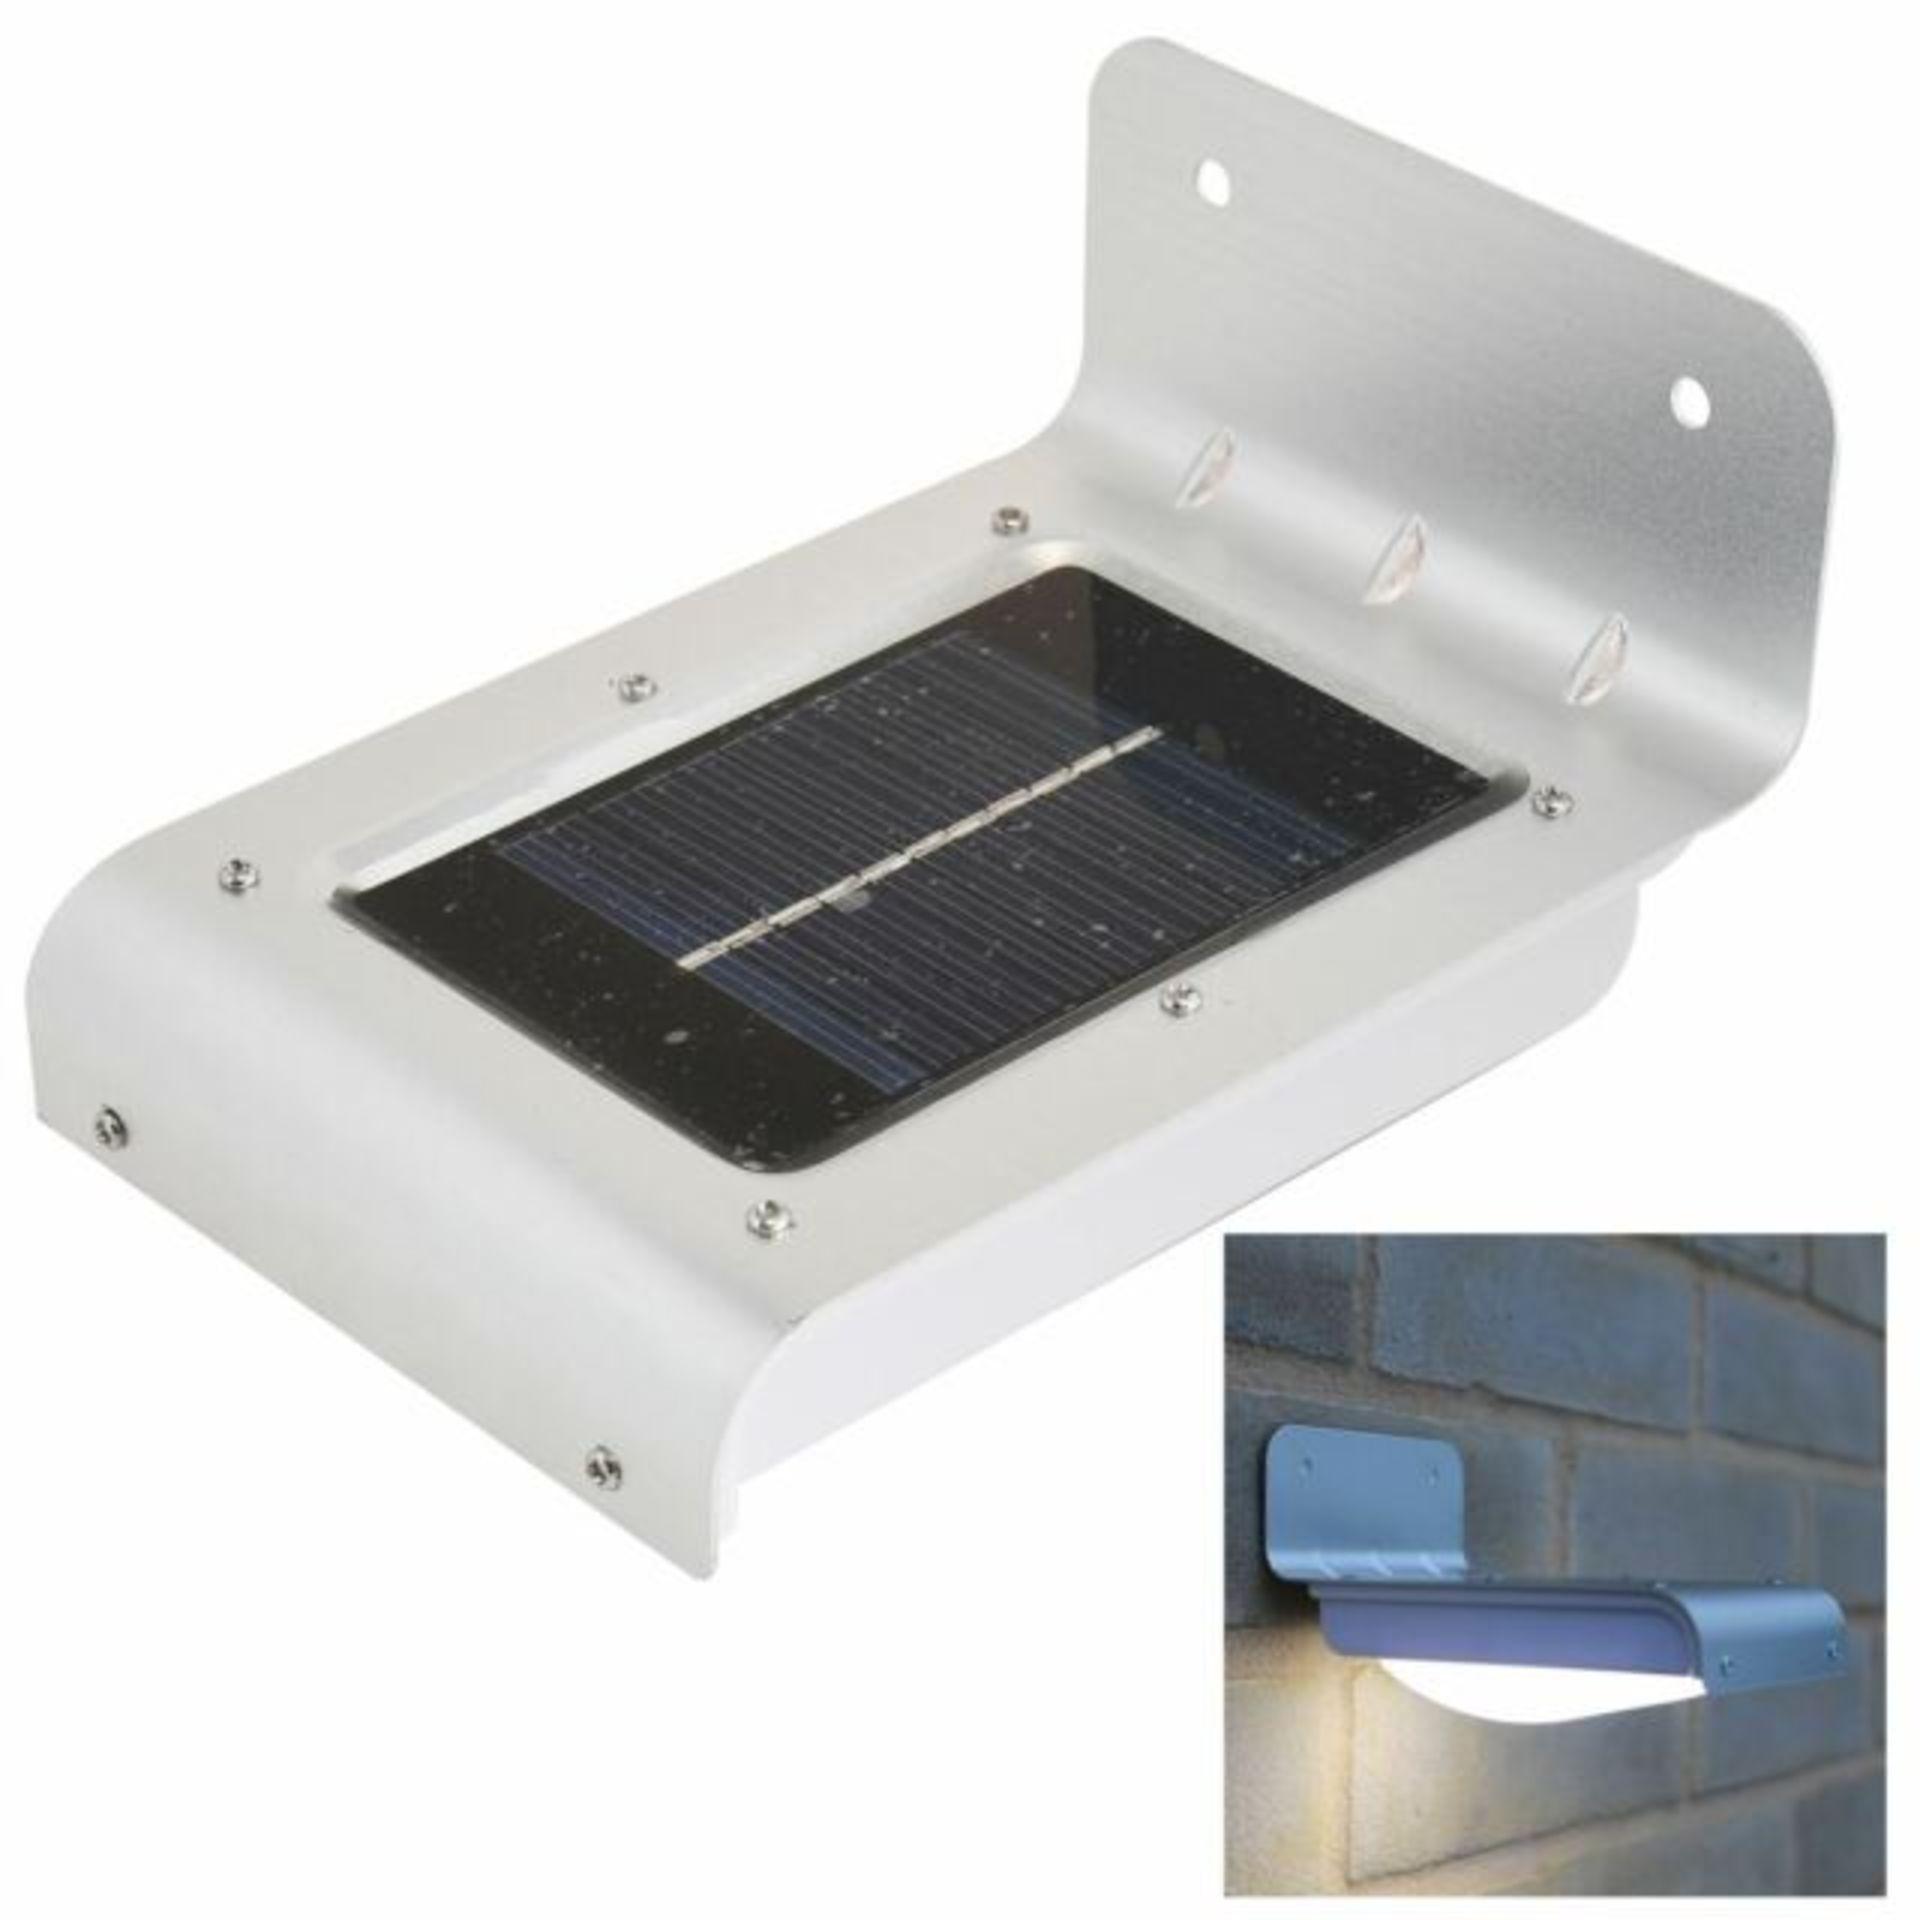 Lot 12838 - V Brand New Super Bright 16 LED Solar Motion Sensor Light Including Rechargeable Battery